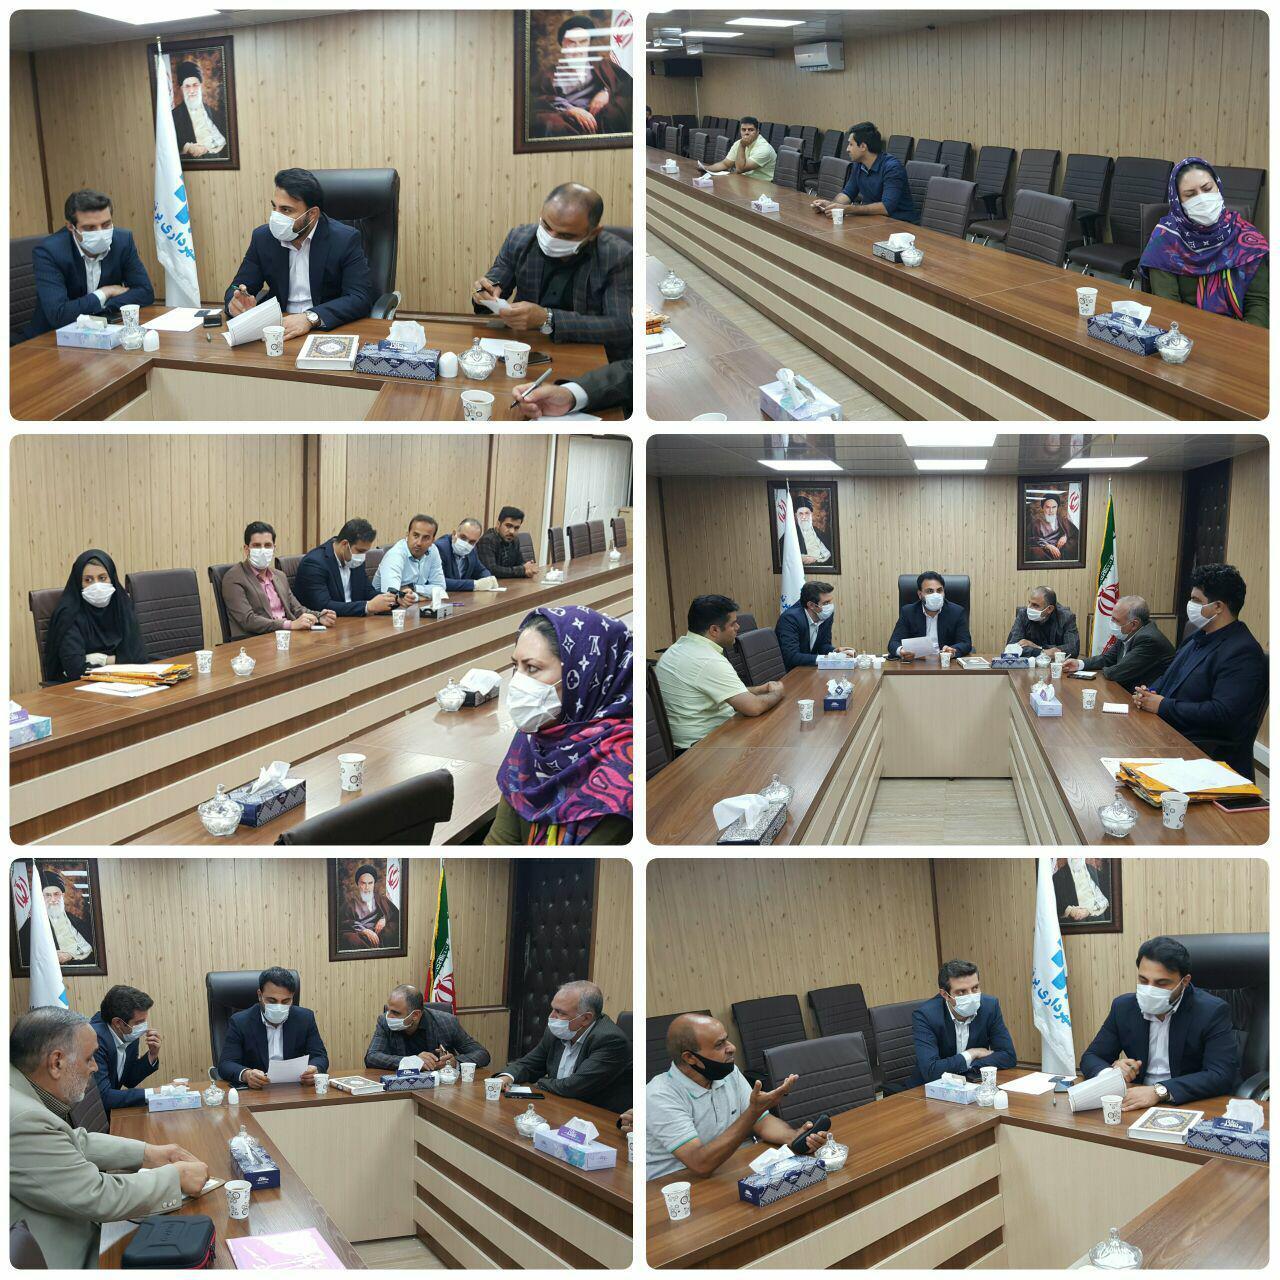 برگزاری جلسه ملاقات مردمی شهردار پرند با حضور کلیه معاونین و رعایت پروتکل های بهداشتی